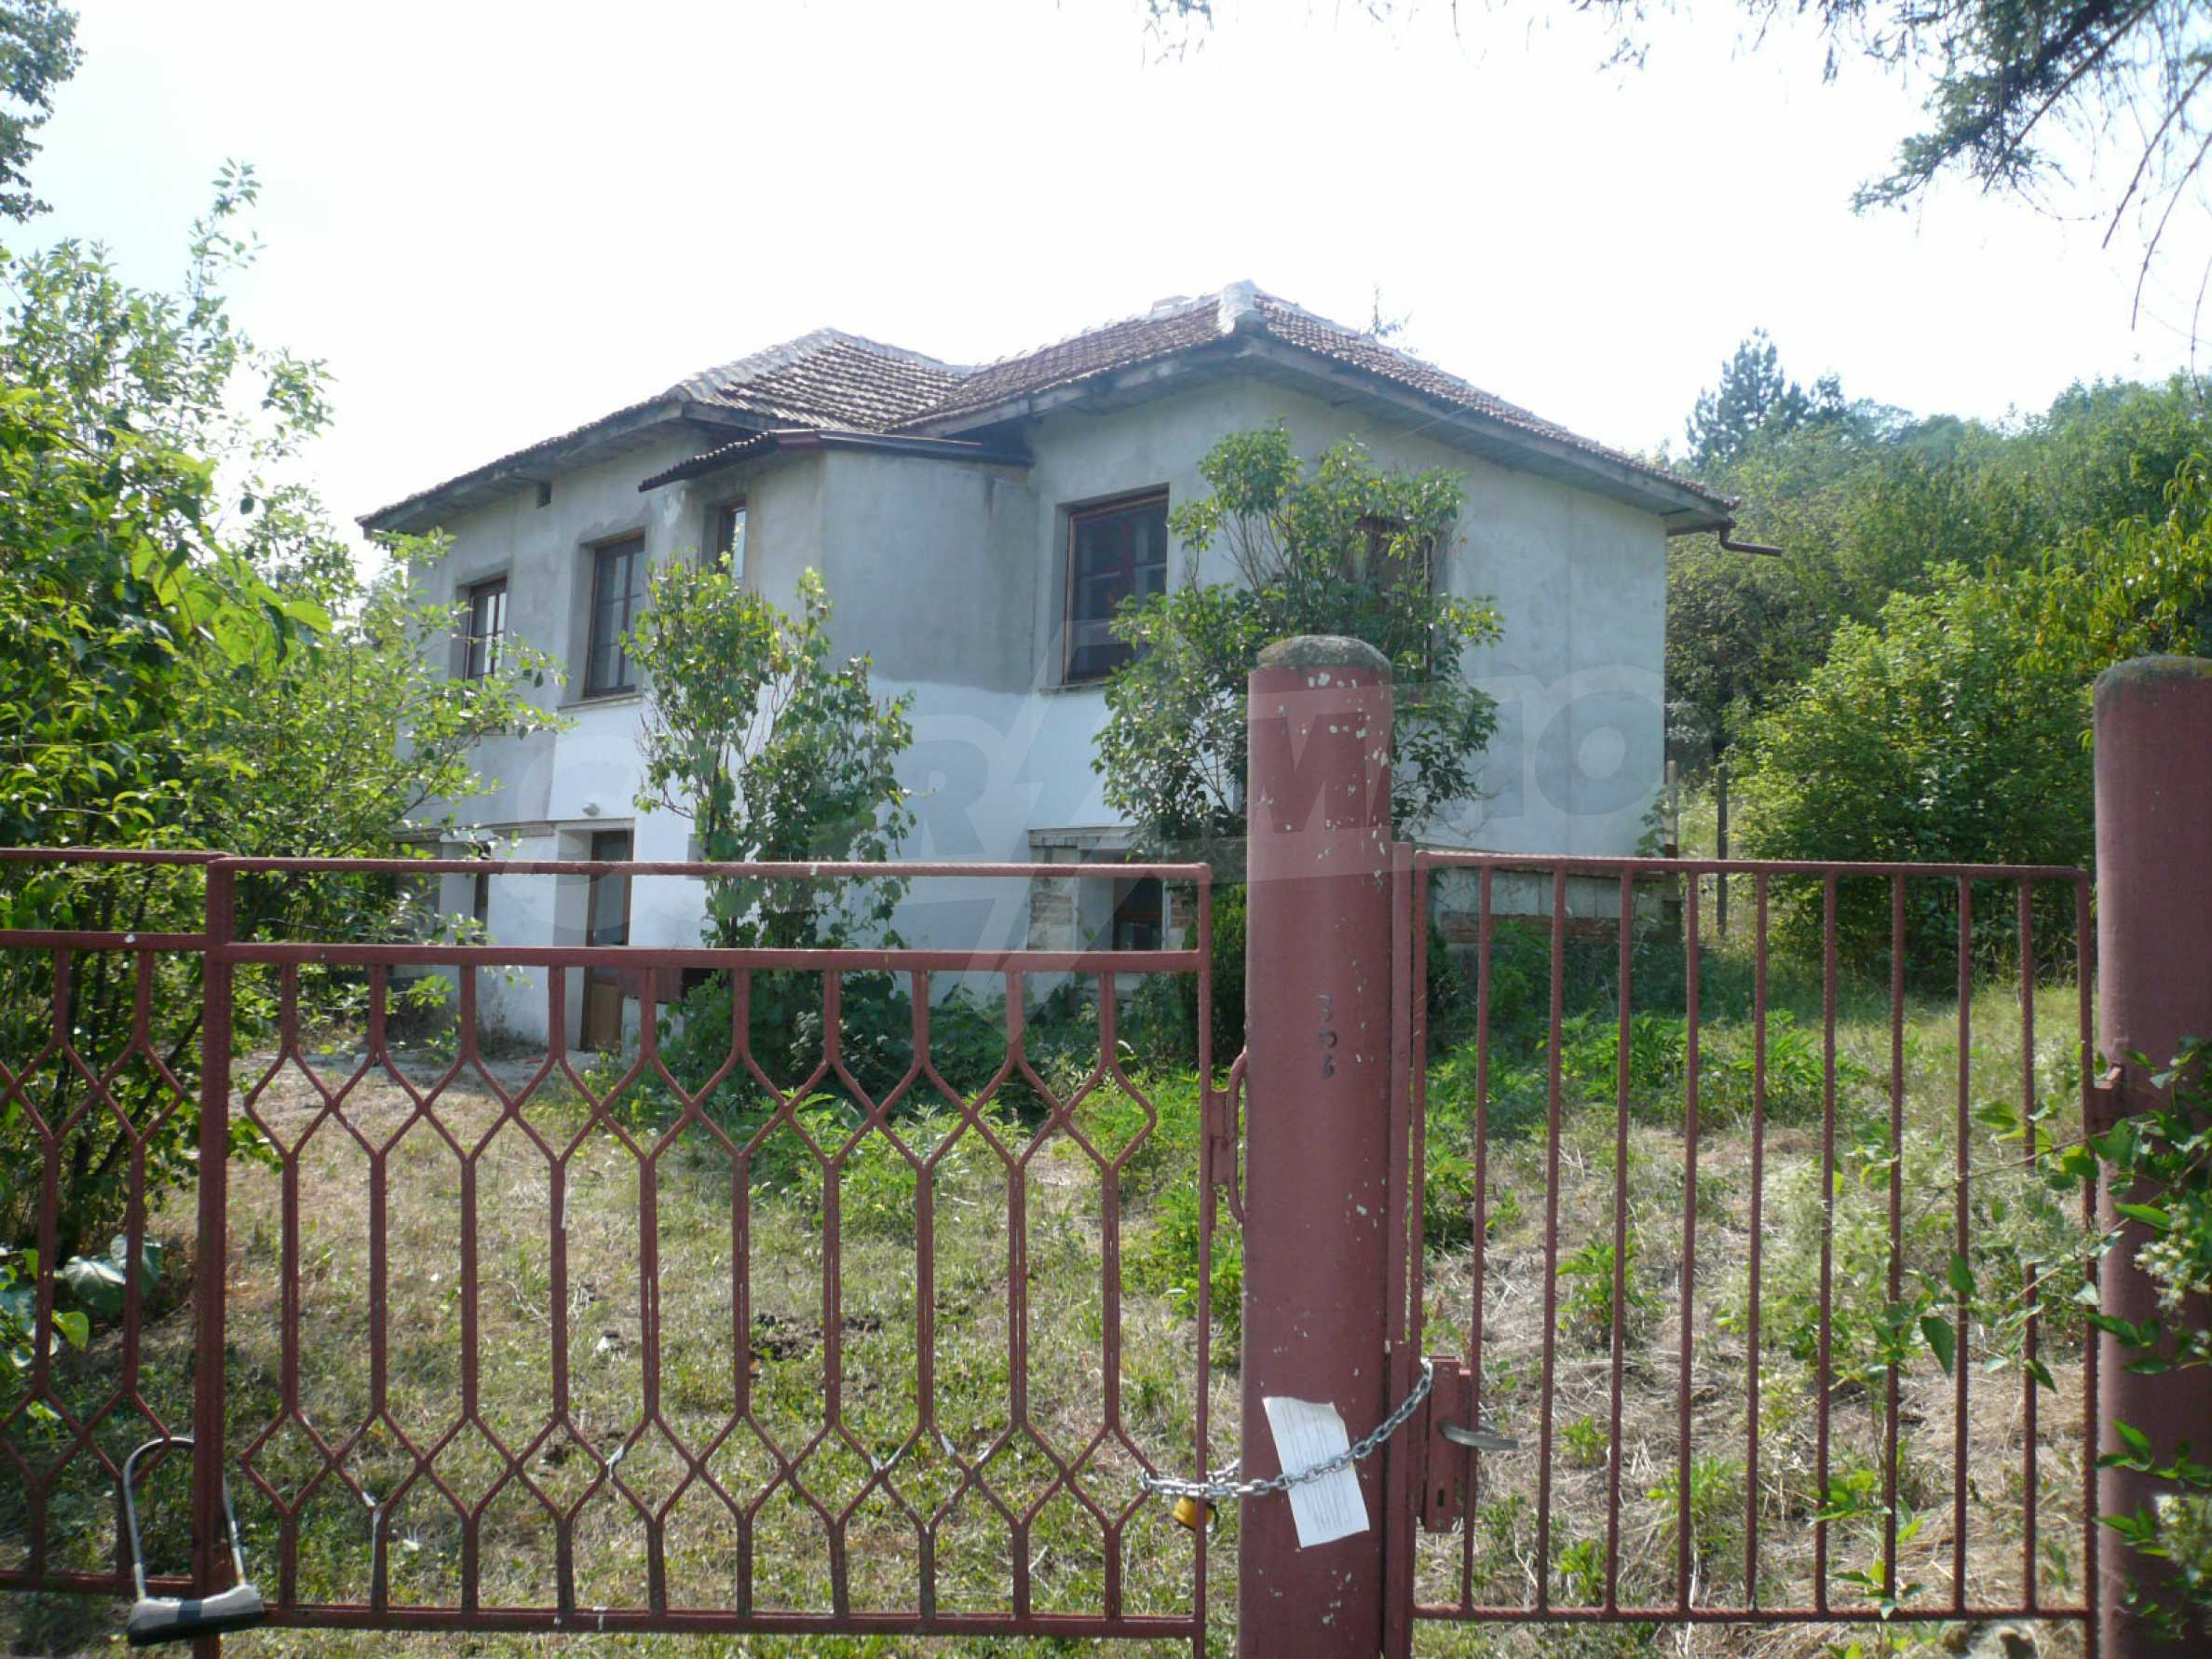 Отремонтированный домик в маленьком селе, недалеко от г. Видин 9